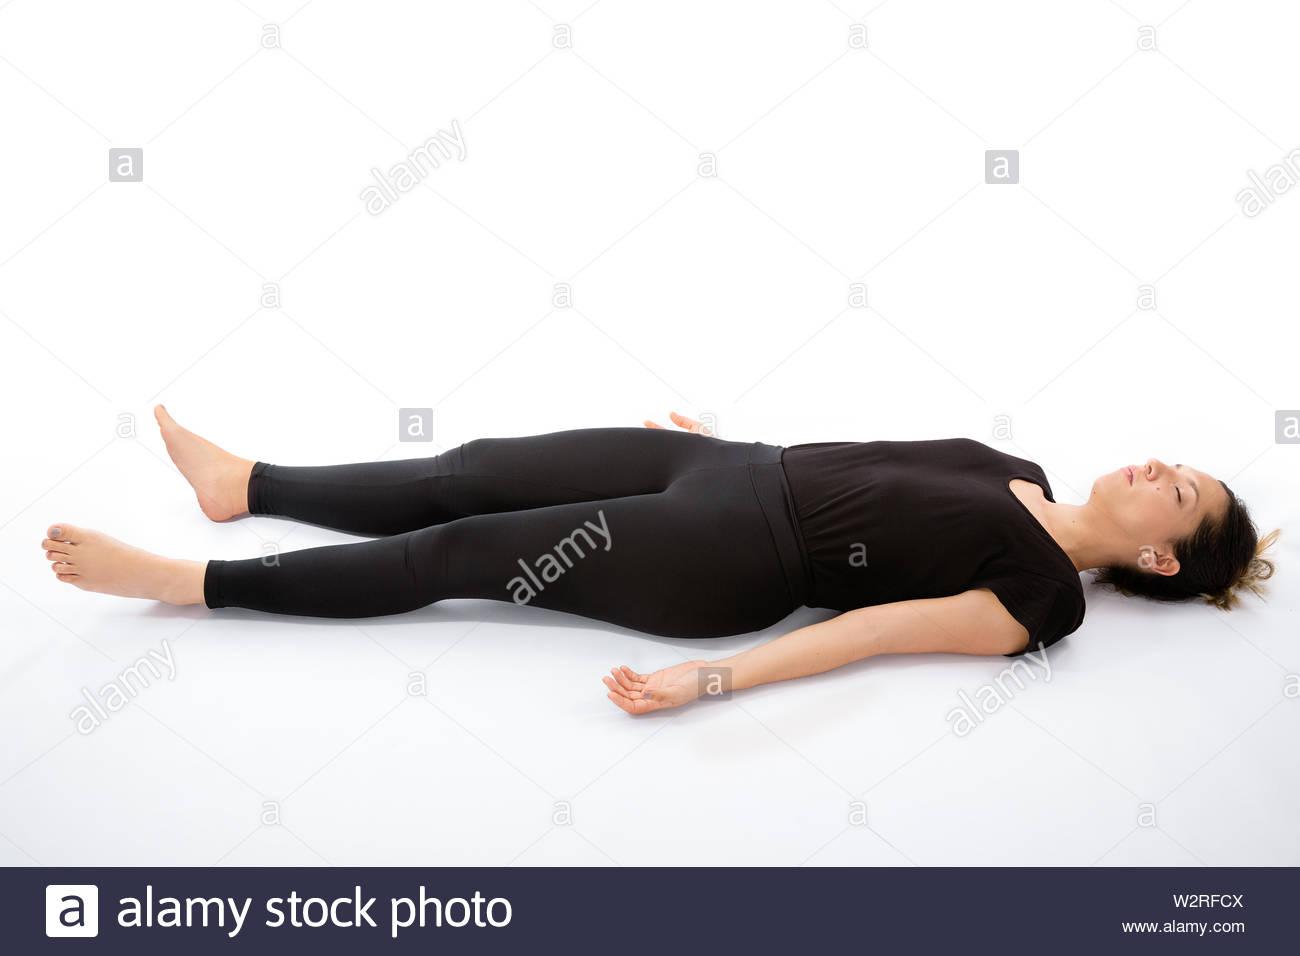 Shavasana pose. Yoga poses woman isolated with white background. Yoga pose set. Mindfulness and Spiritually concept. Girl practicing Hatha Yoga asanas - Stock Image